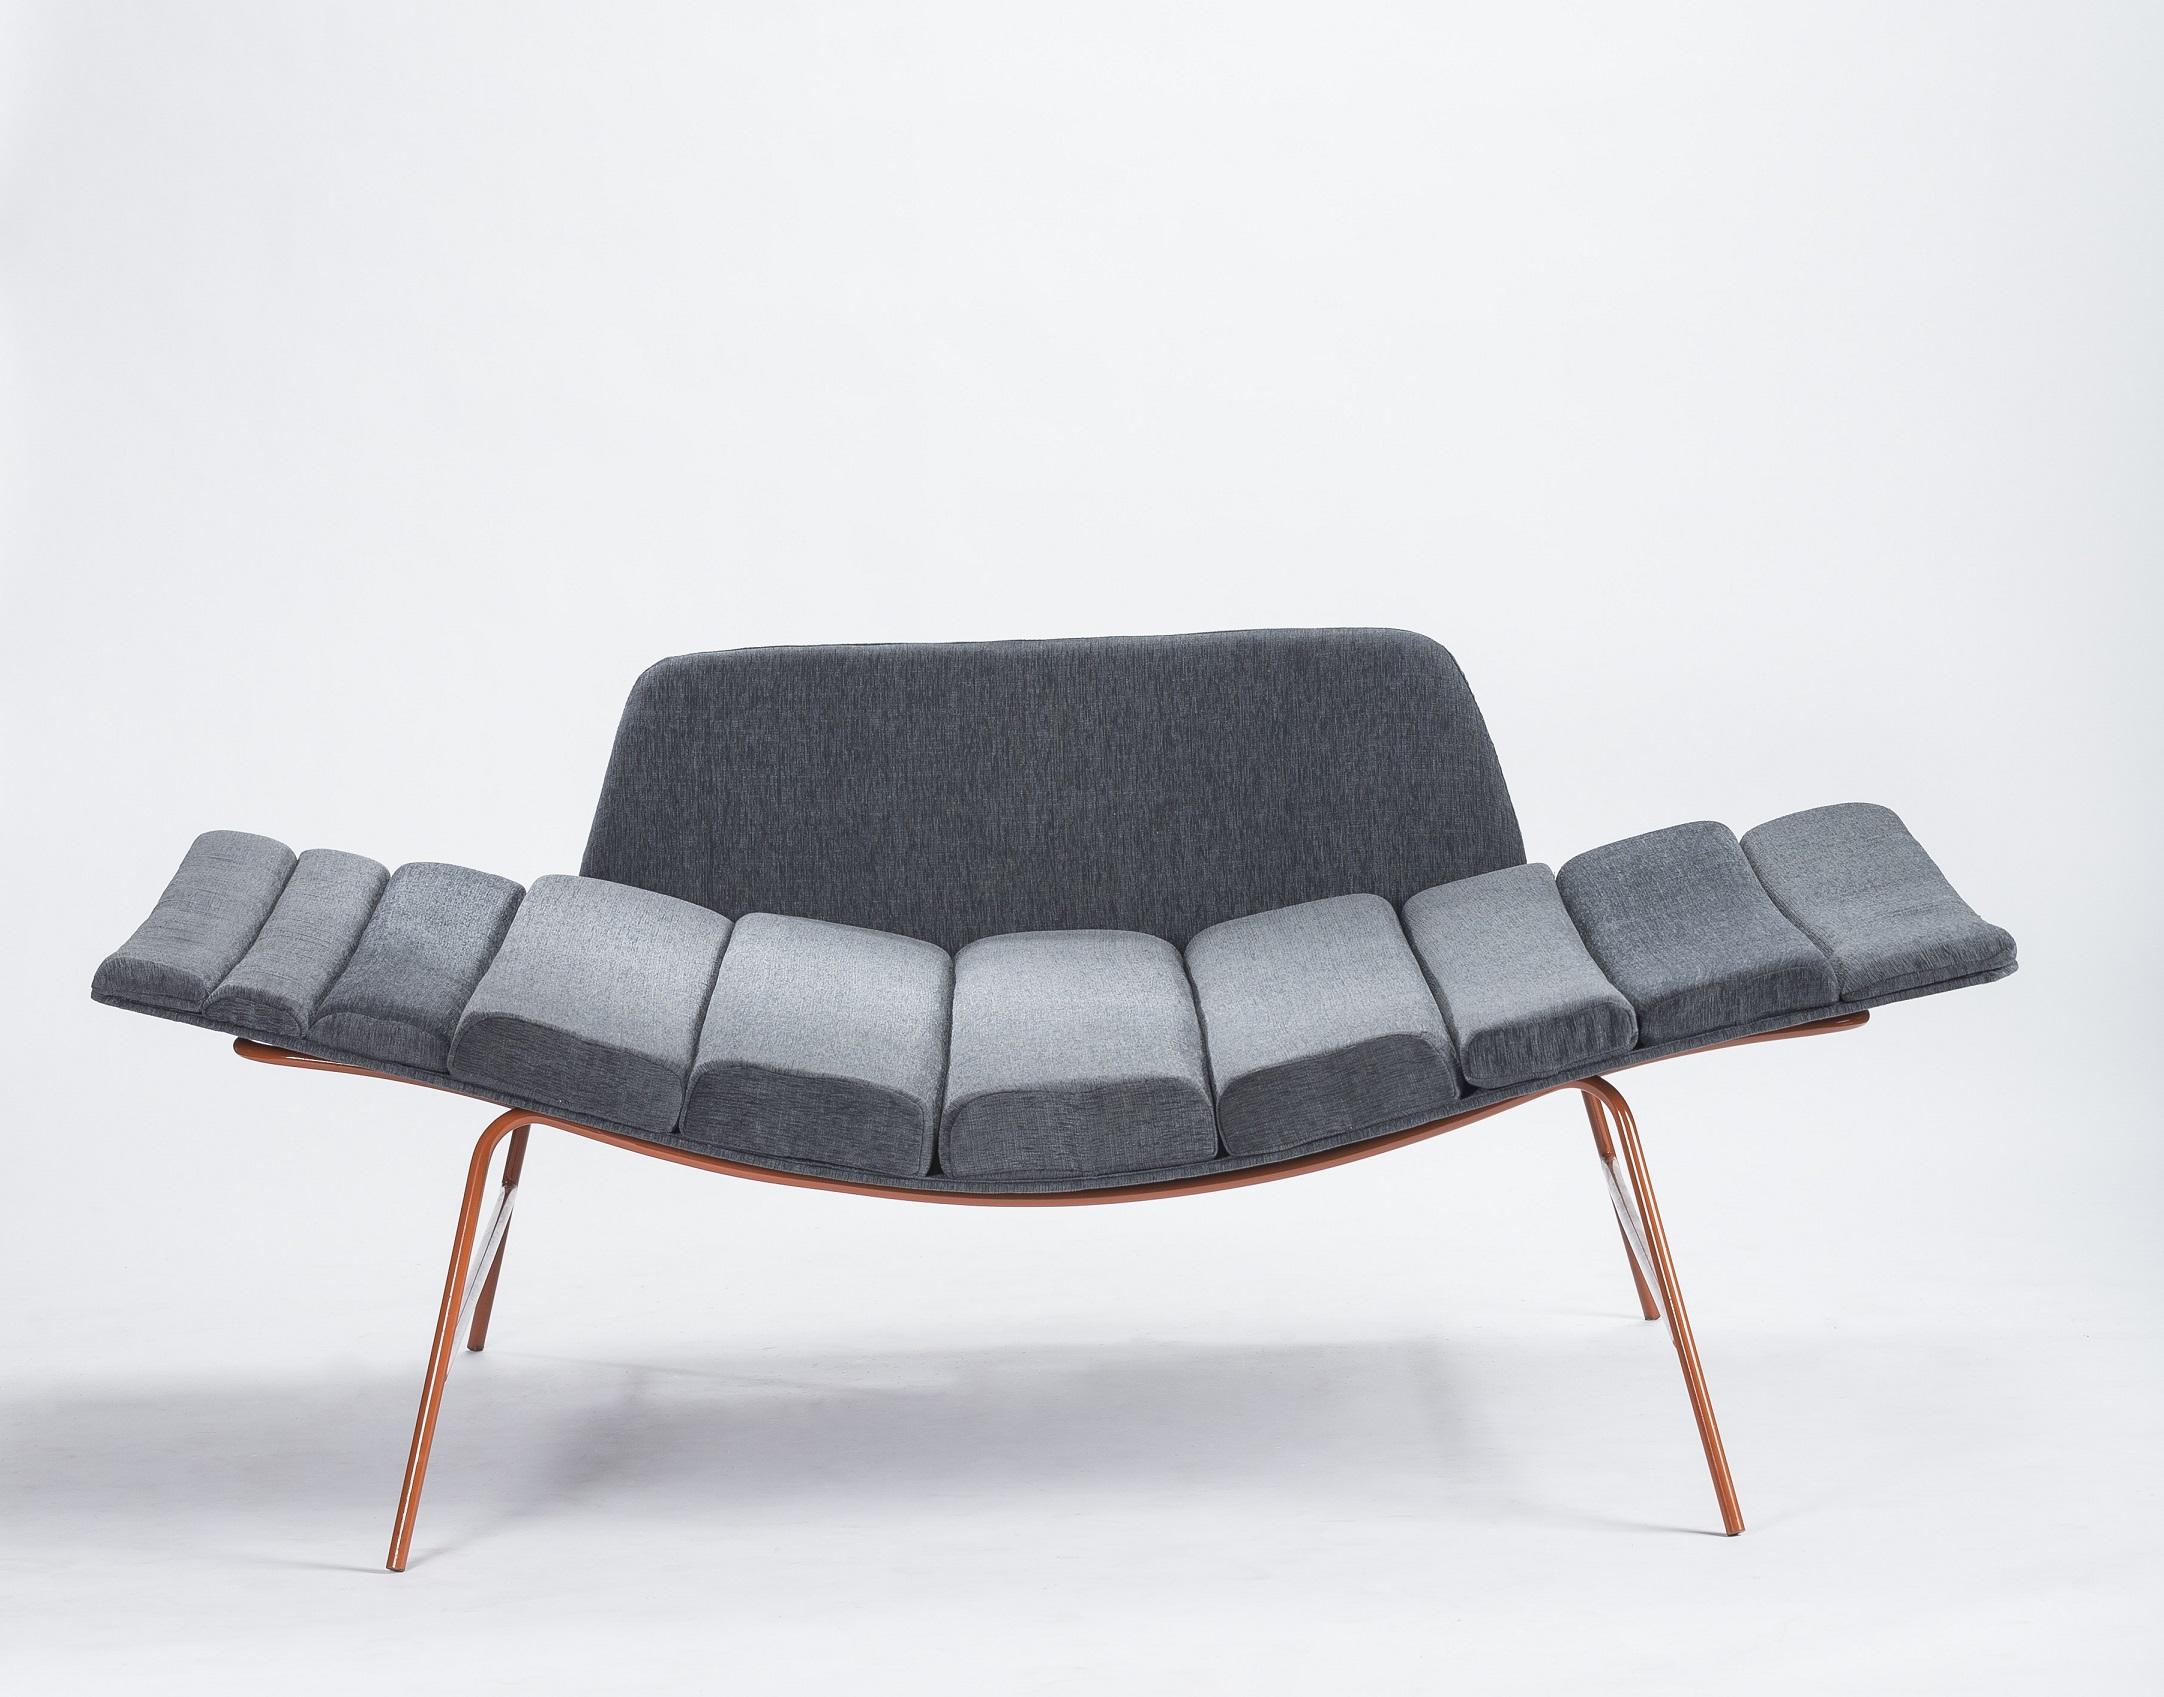 La línea Capas rompe con el formato tradicional de sillones para descanso con materiales y formas no convencionales (Diseño Cristián Mohaded  Springwall).